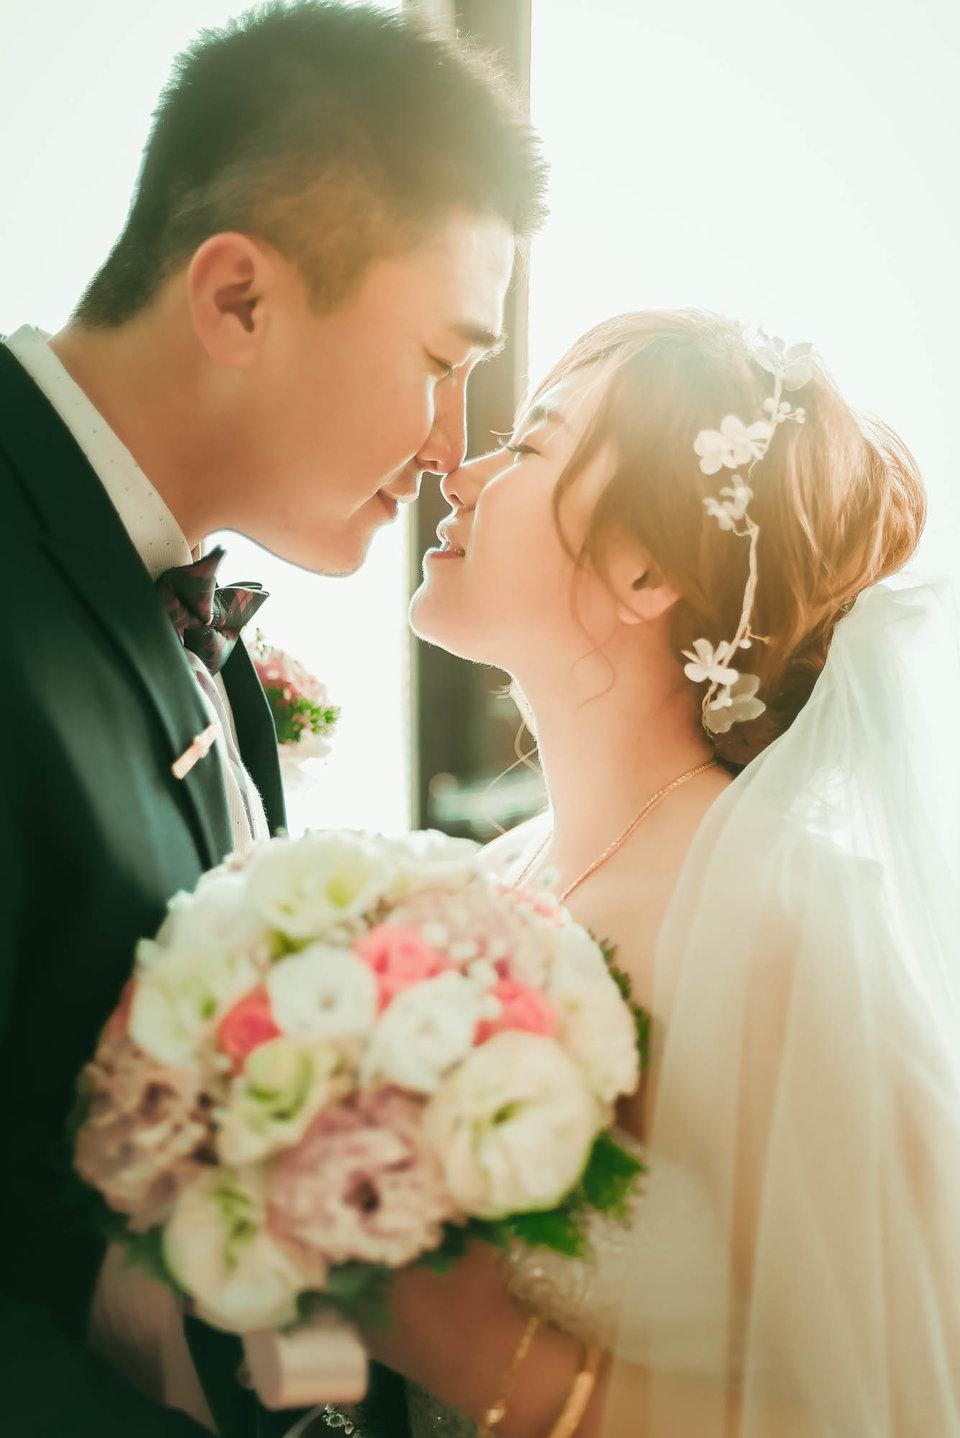 萊克婚禮影像團隊─「阿浪」我驕傲